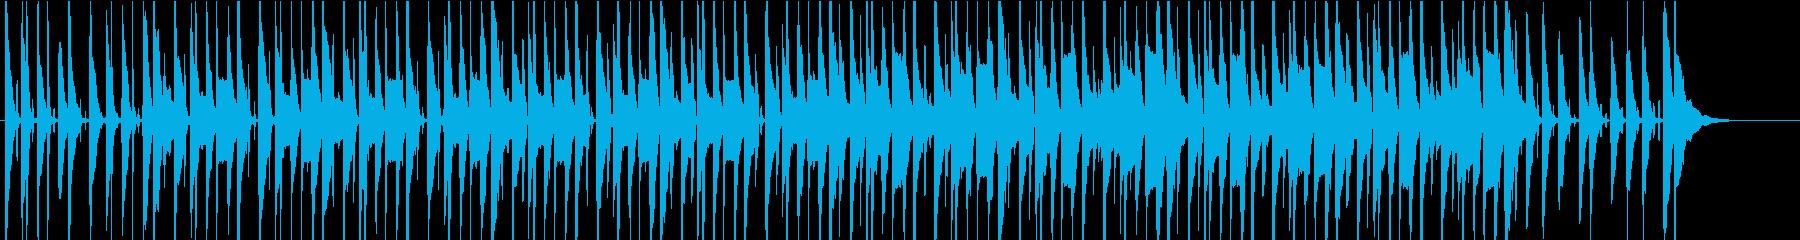 ウクレレほのぼのPOP2(オケ)の再生済みの波形